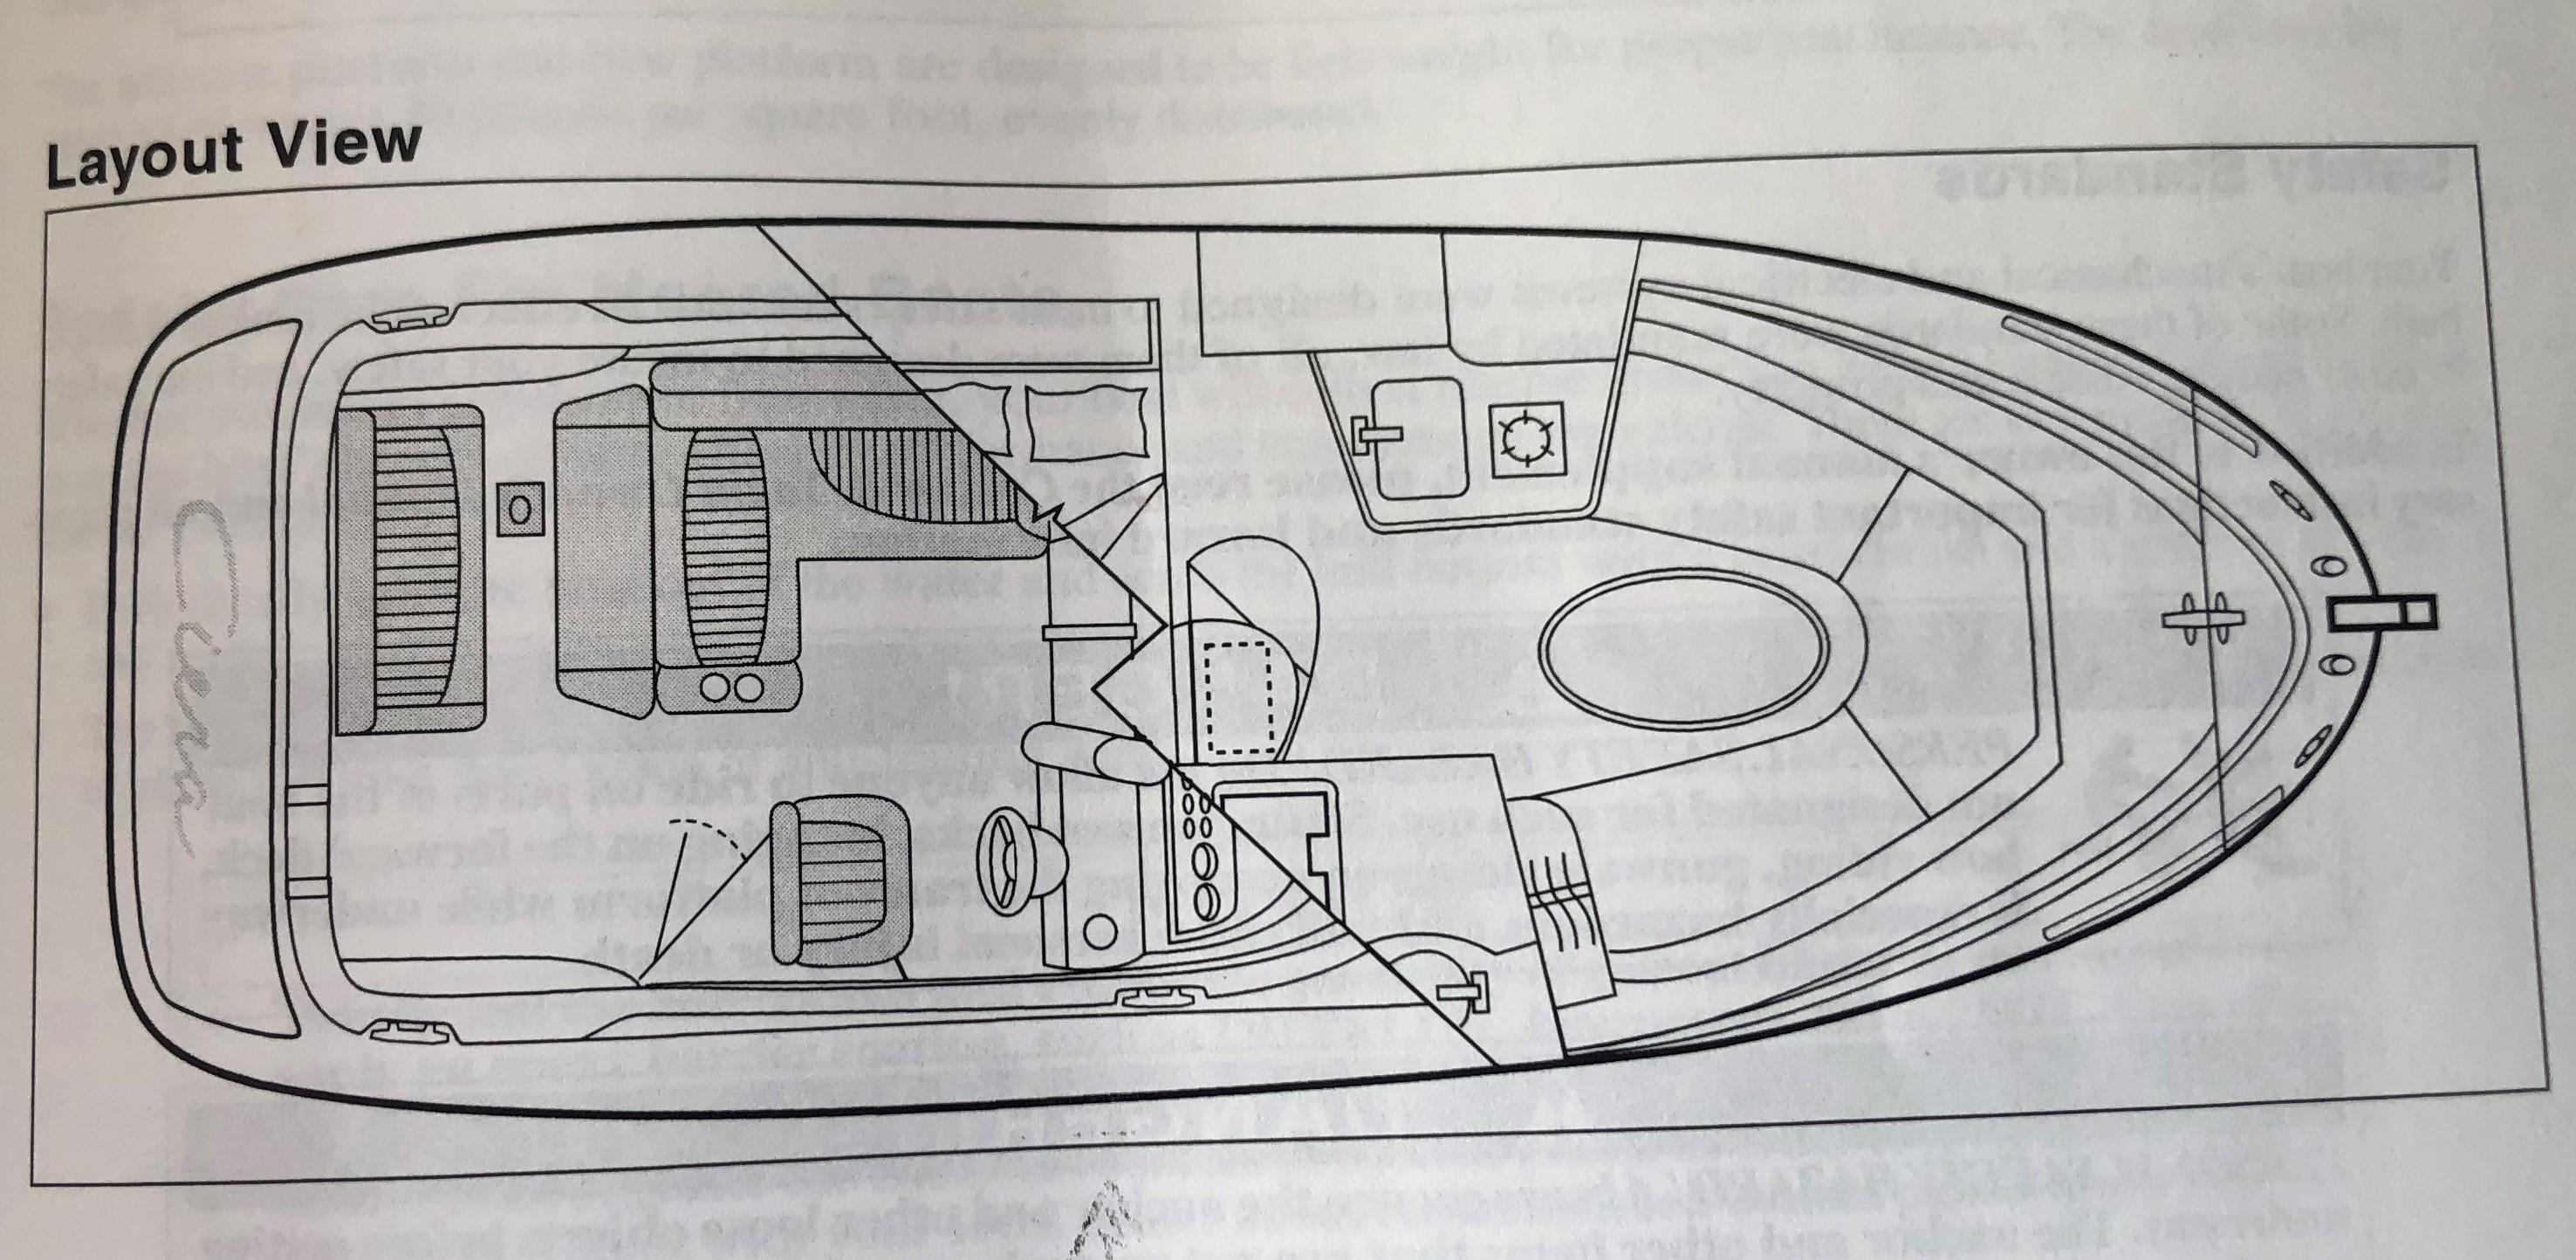 Tolle Durchschlag 45 Schaltplan Bilder - Elektrische Schaltplan ...